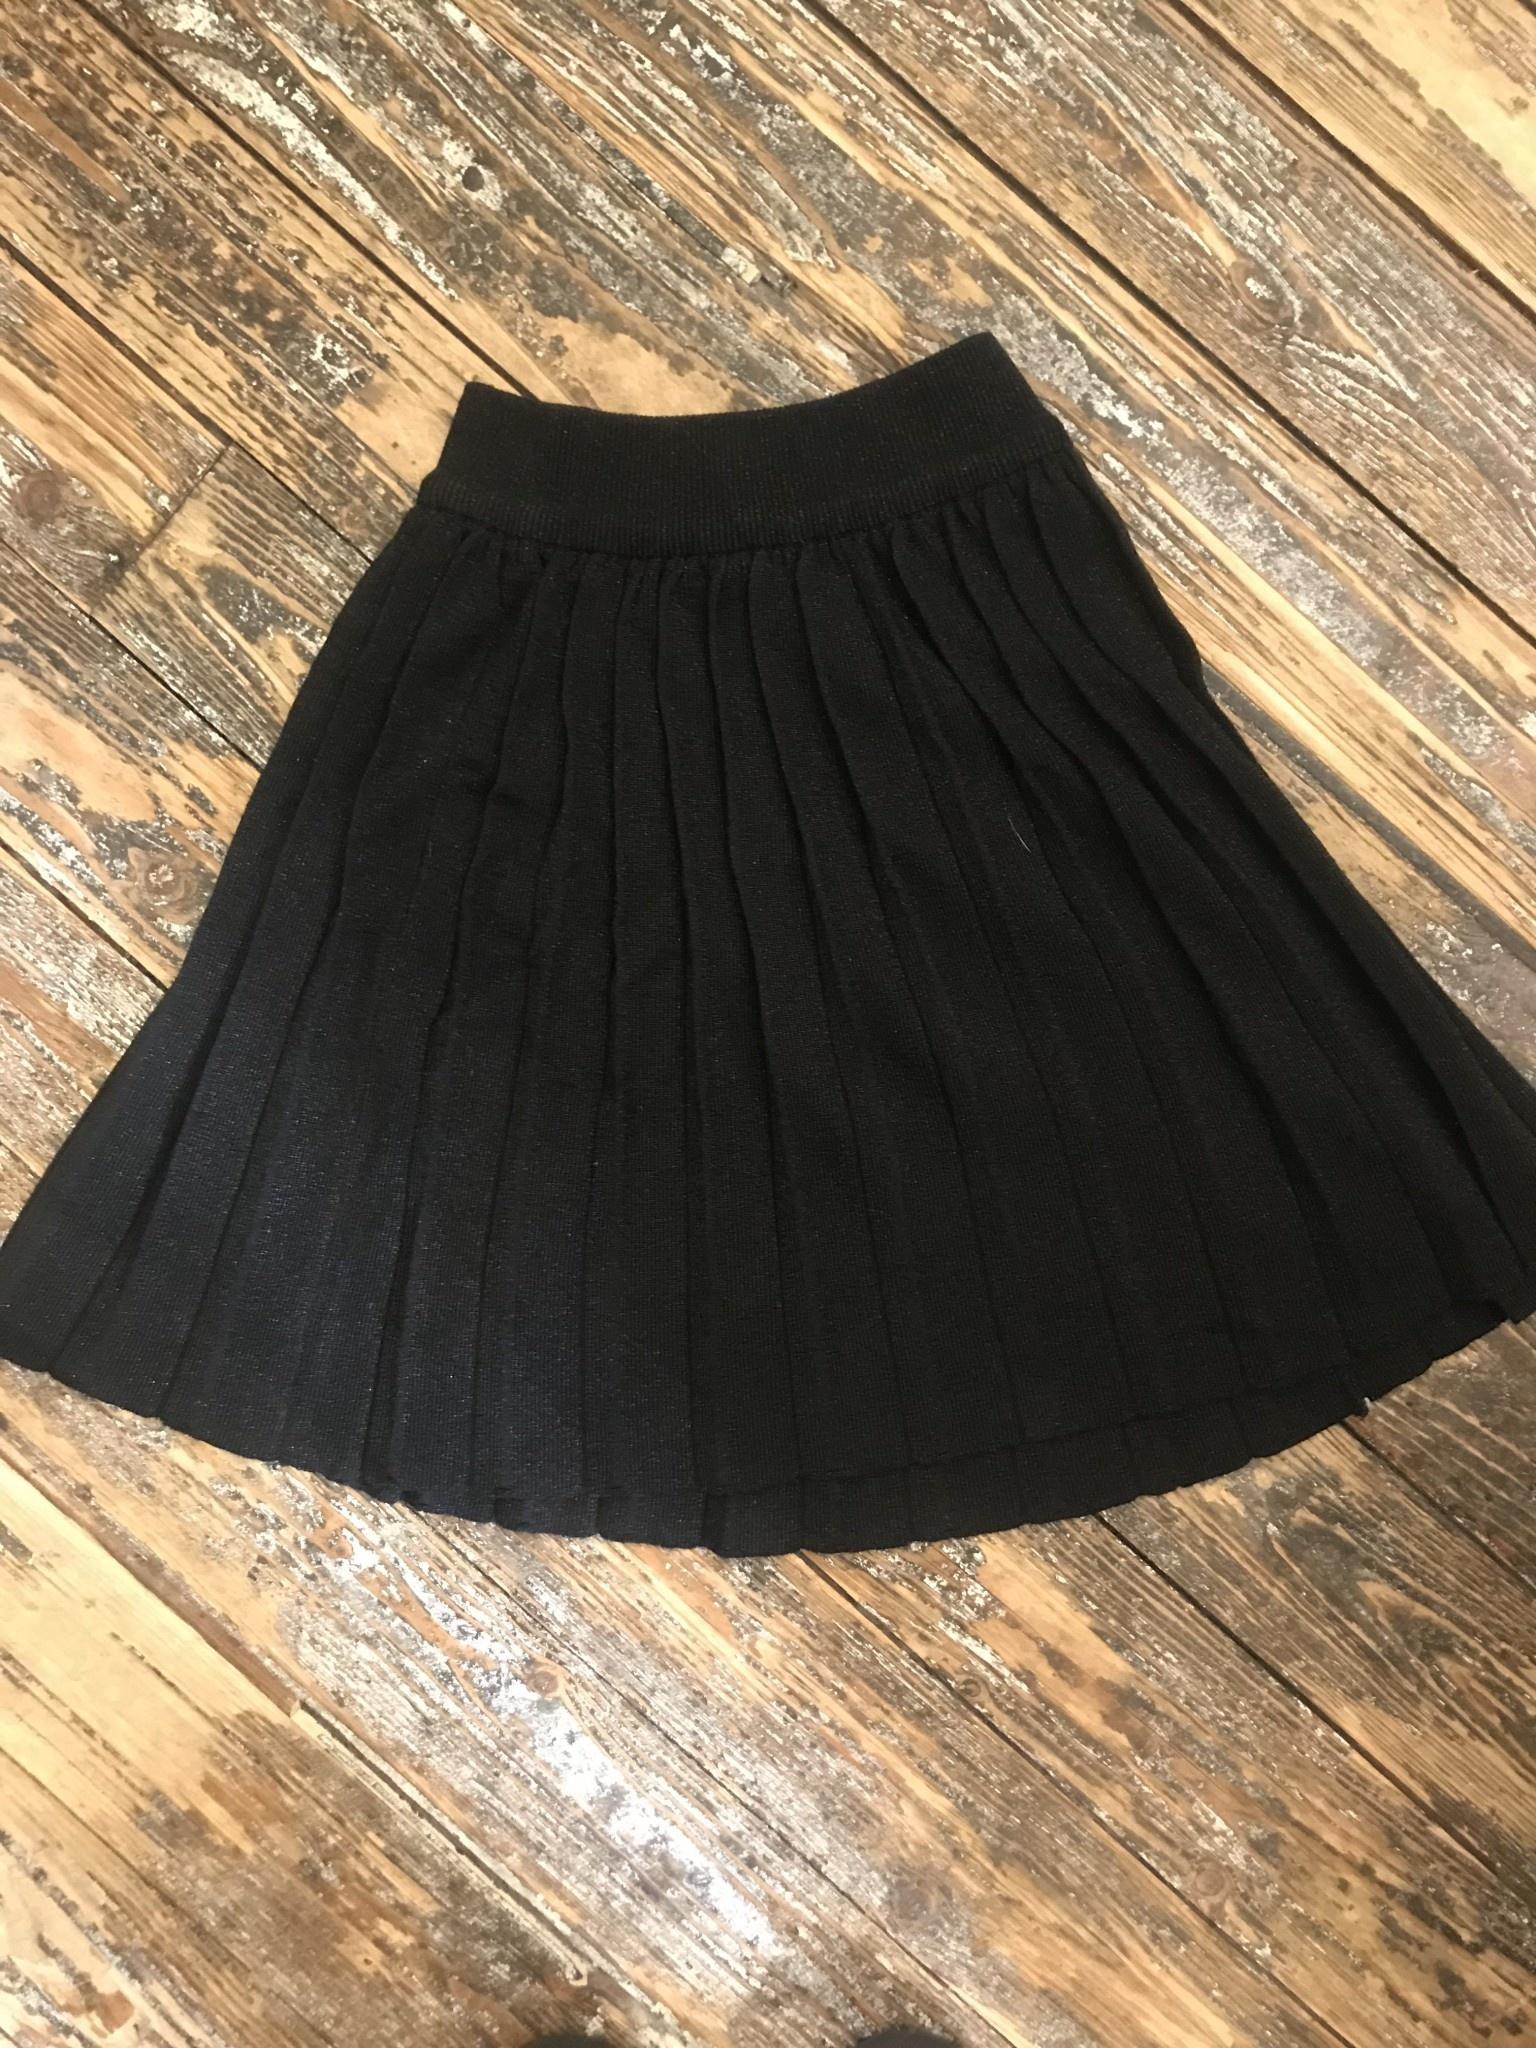 5276 Just Dai Skirt Plump Glitter Black